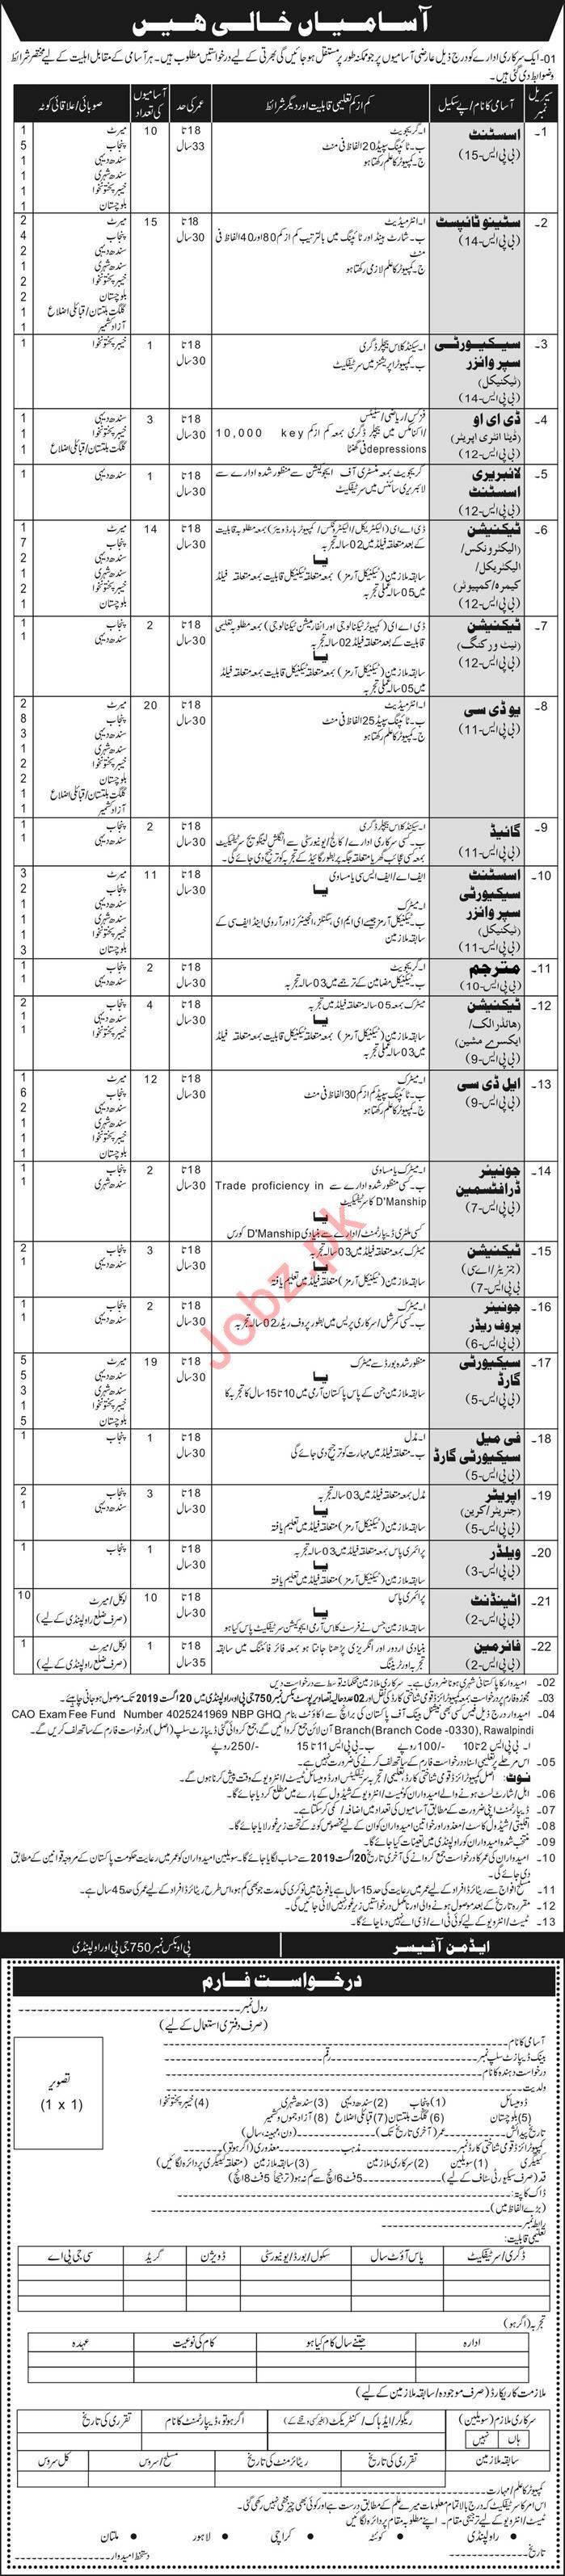 Pak Army General Headquarters GHQ Rawalpindi Jobs 2019 Job